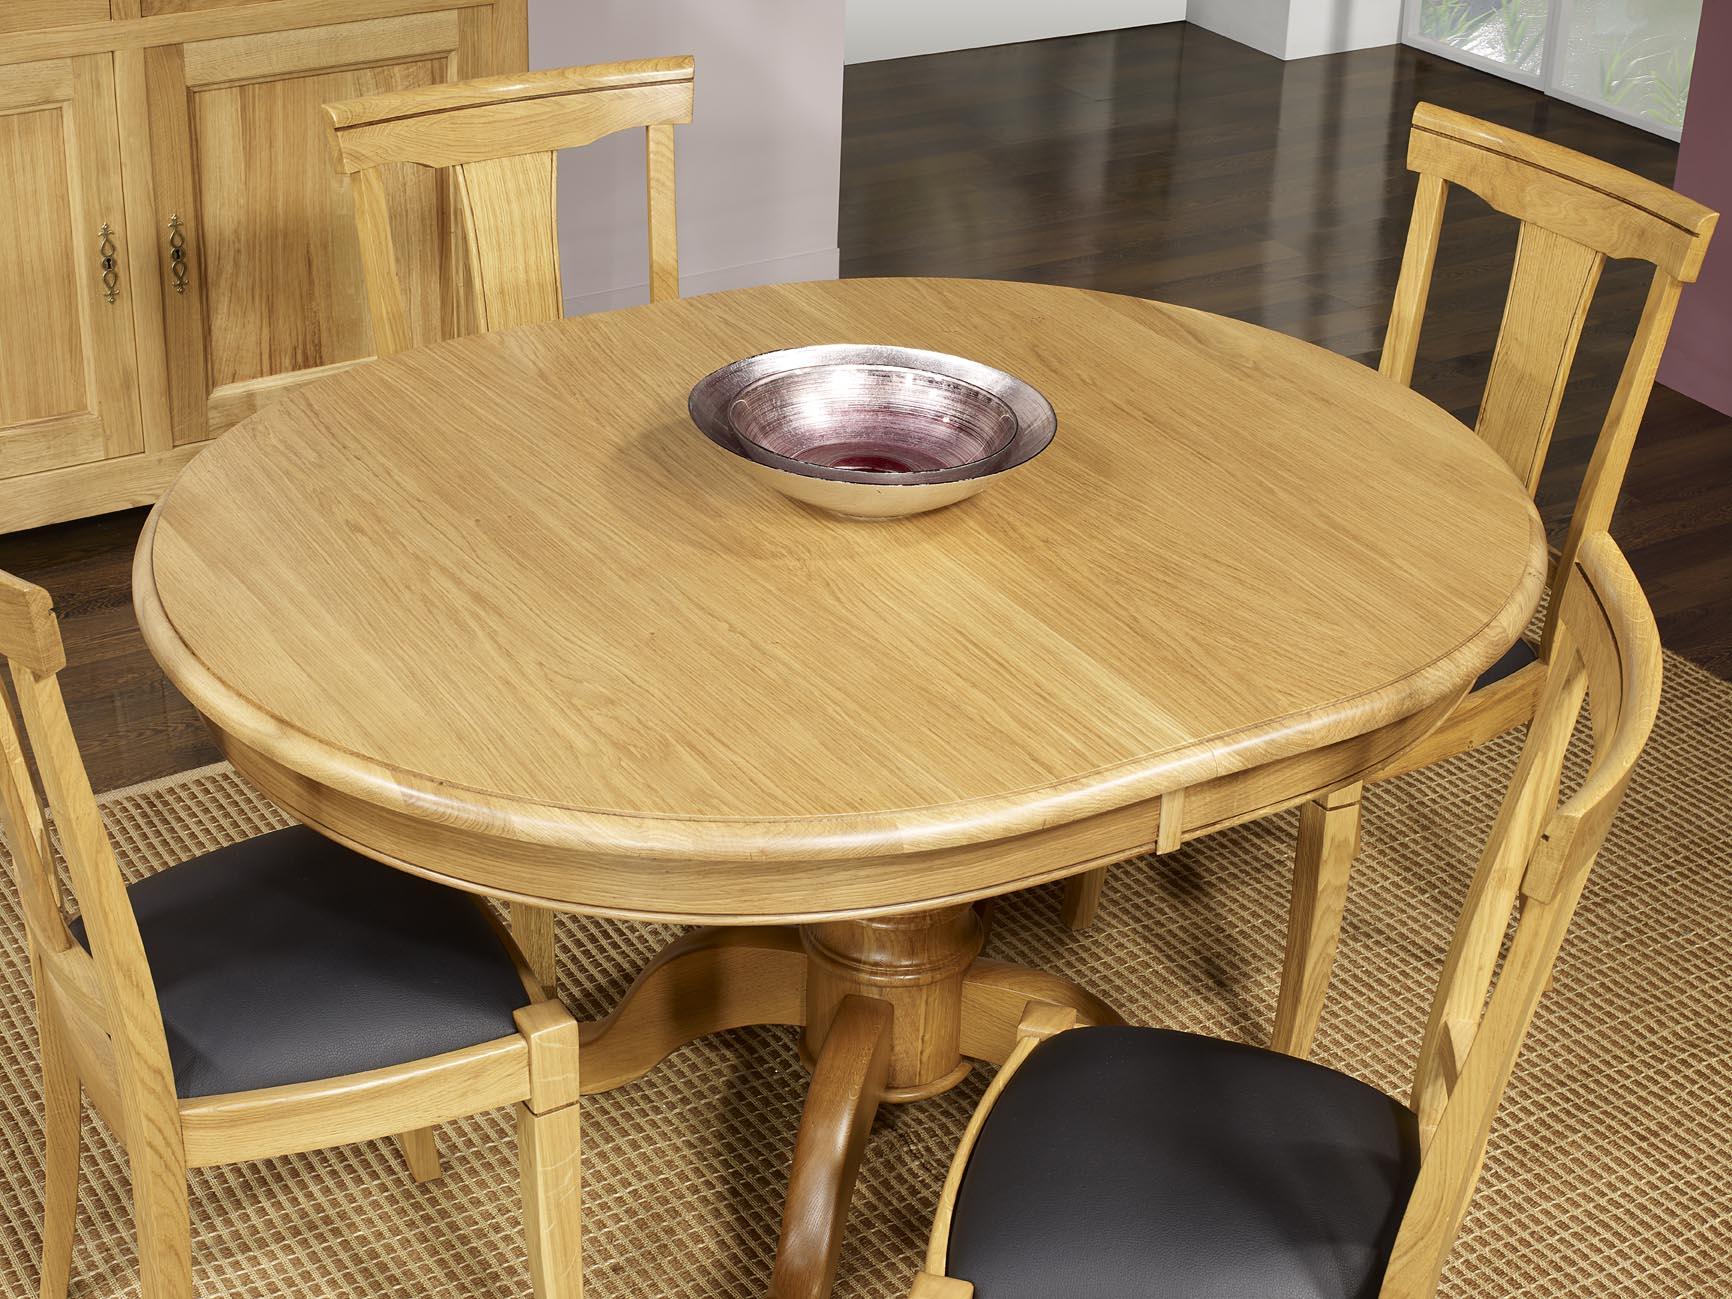 Table ovale pied central j r me en ch ne massif de style - Table ovale pied central design ...